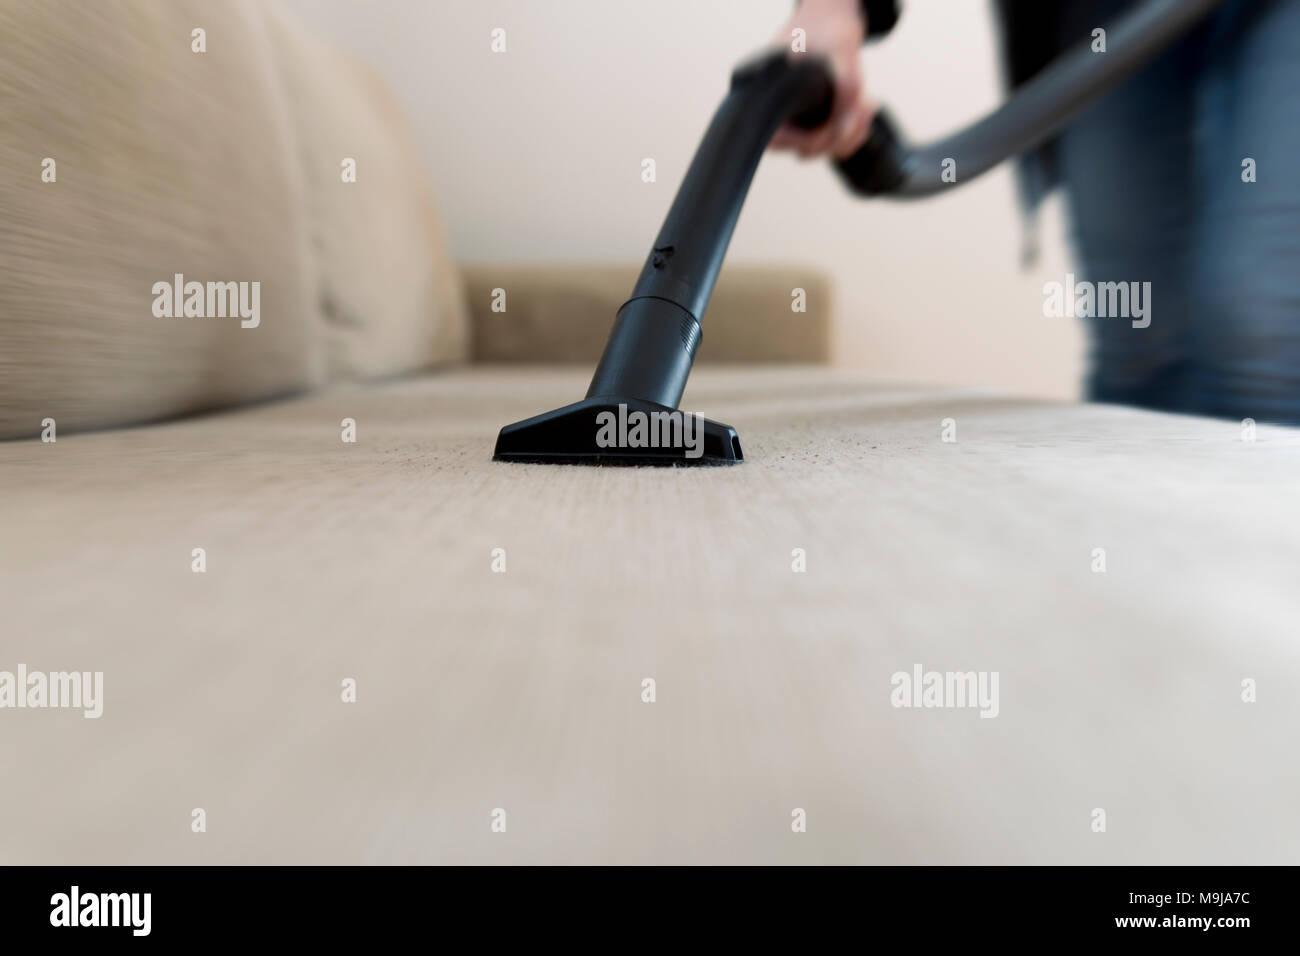 Nettoyage de la femme canapé, canapé avec aspirateur Photo Stock